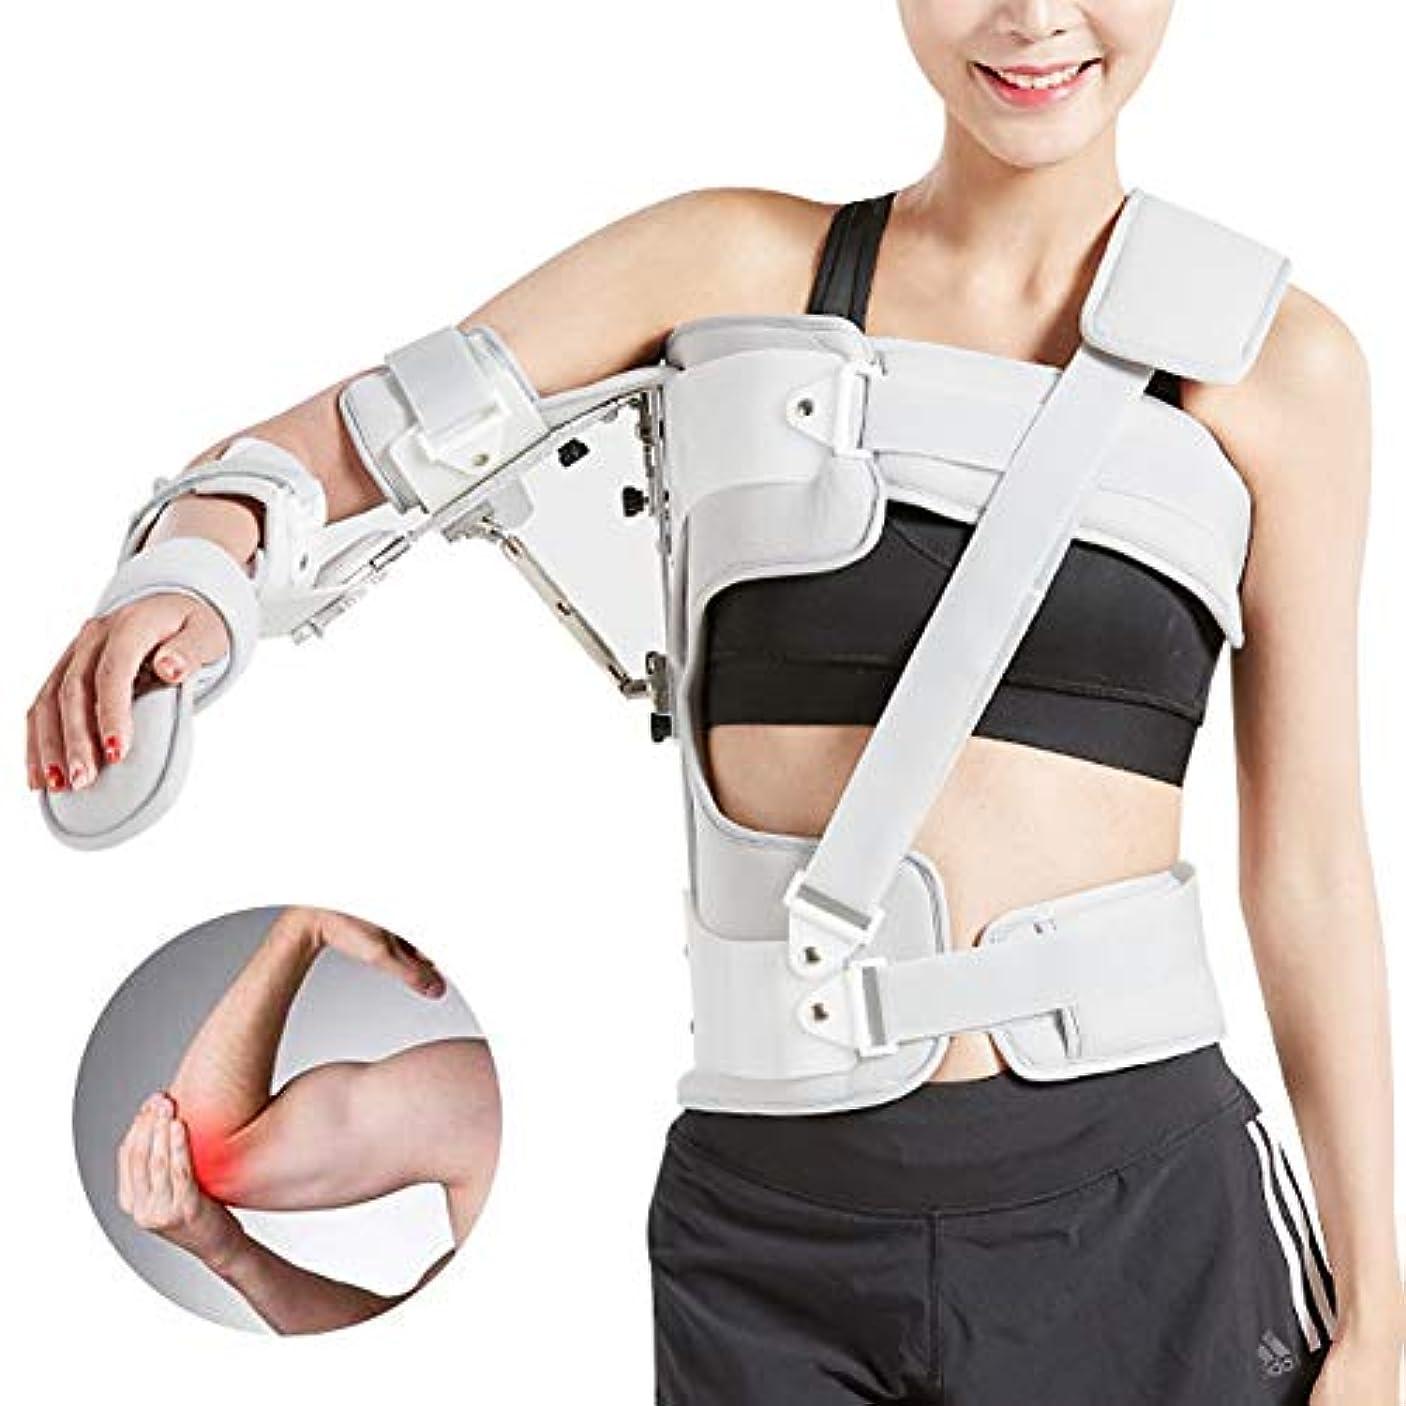 撤回する口ひげ固める調節可能なアームスリング外転枕骨折肘サポートブレース、傷害回復アーム固定、転位回旋腱板滑液包炎腱炎、ワンサイズ - ユニセックス